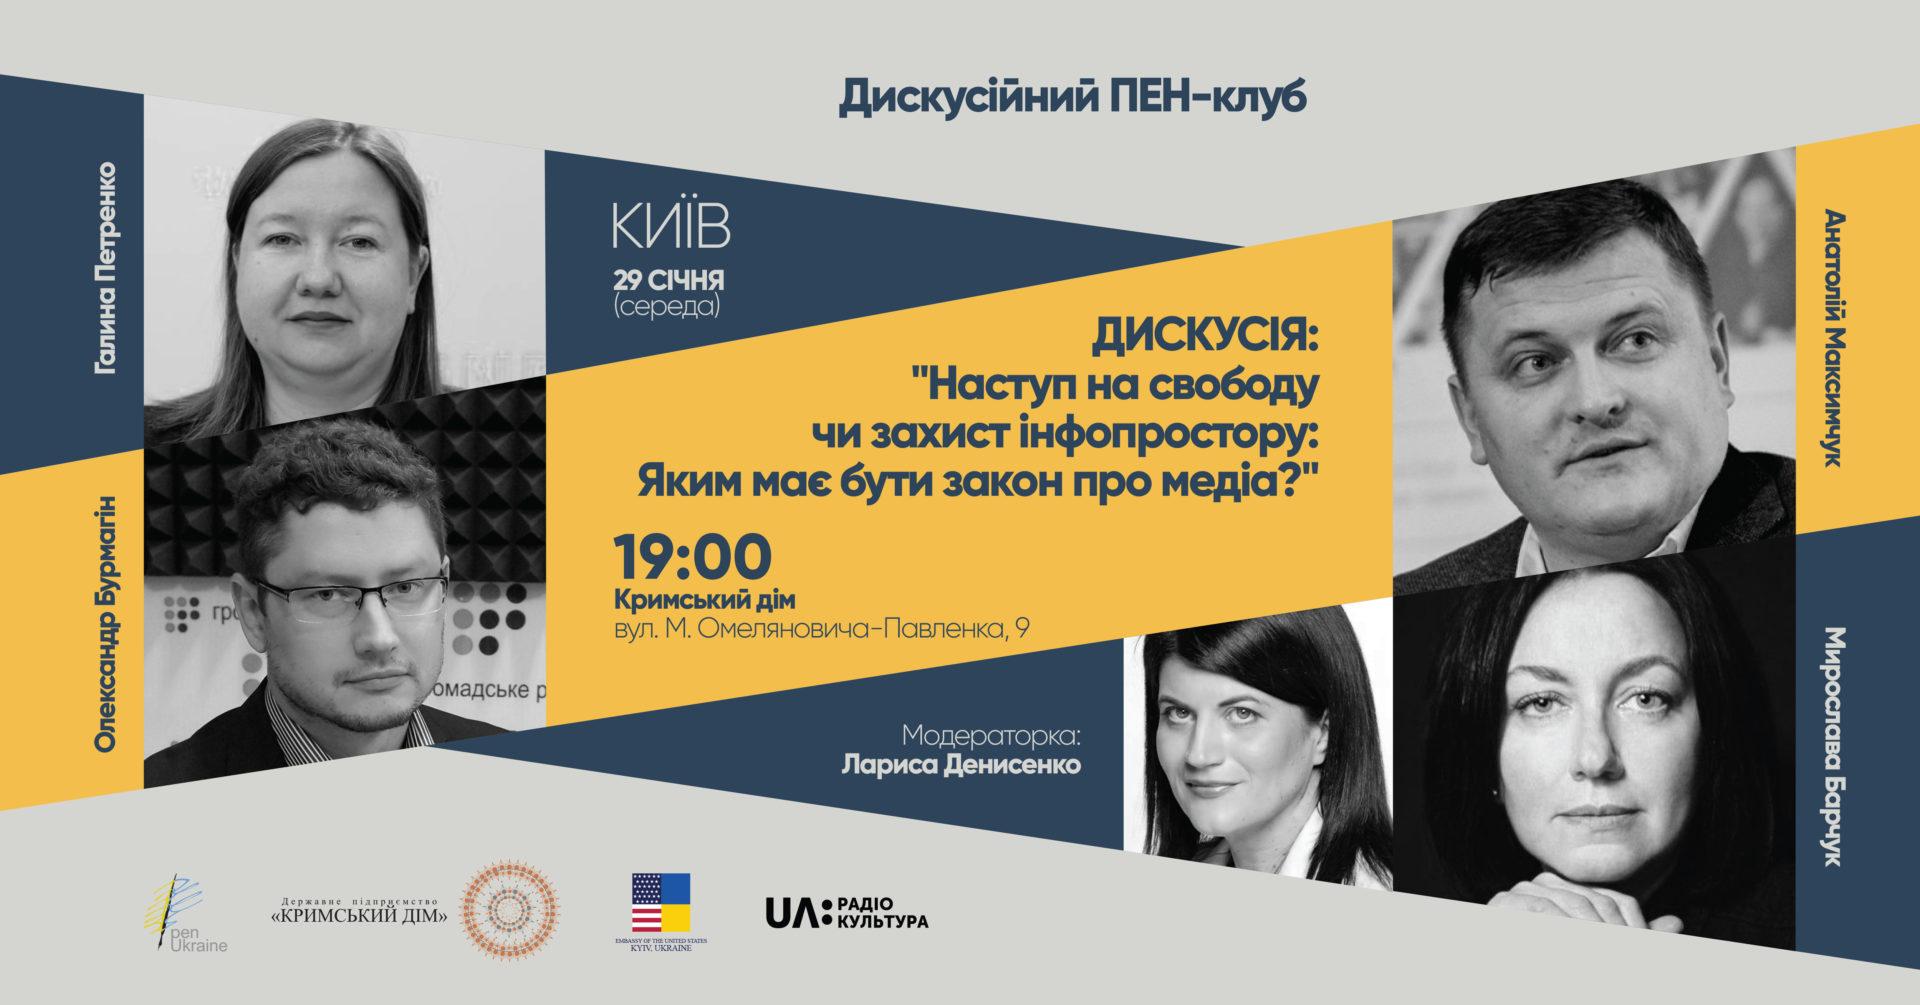 У Києві дискутуватимуть  про закон про медіа -  - 29 sichnya fb